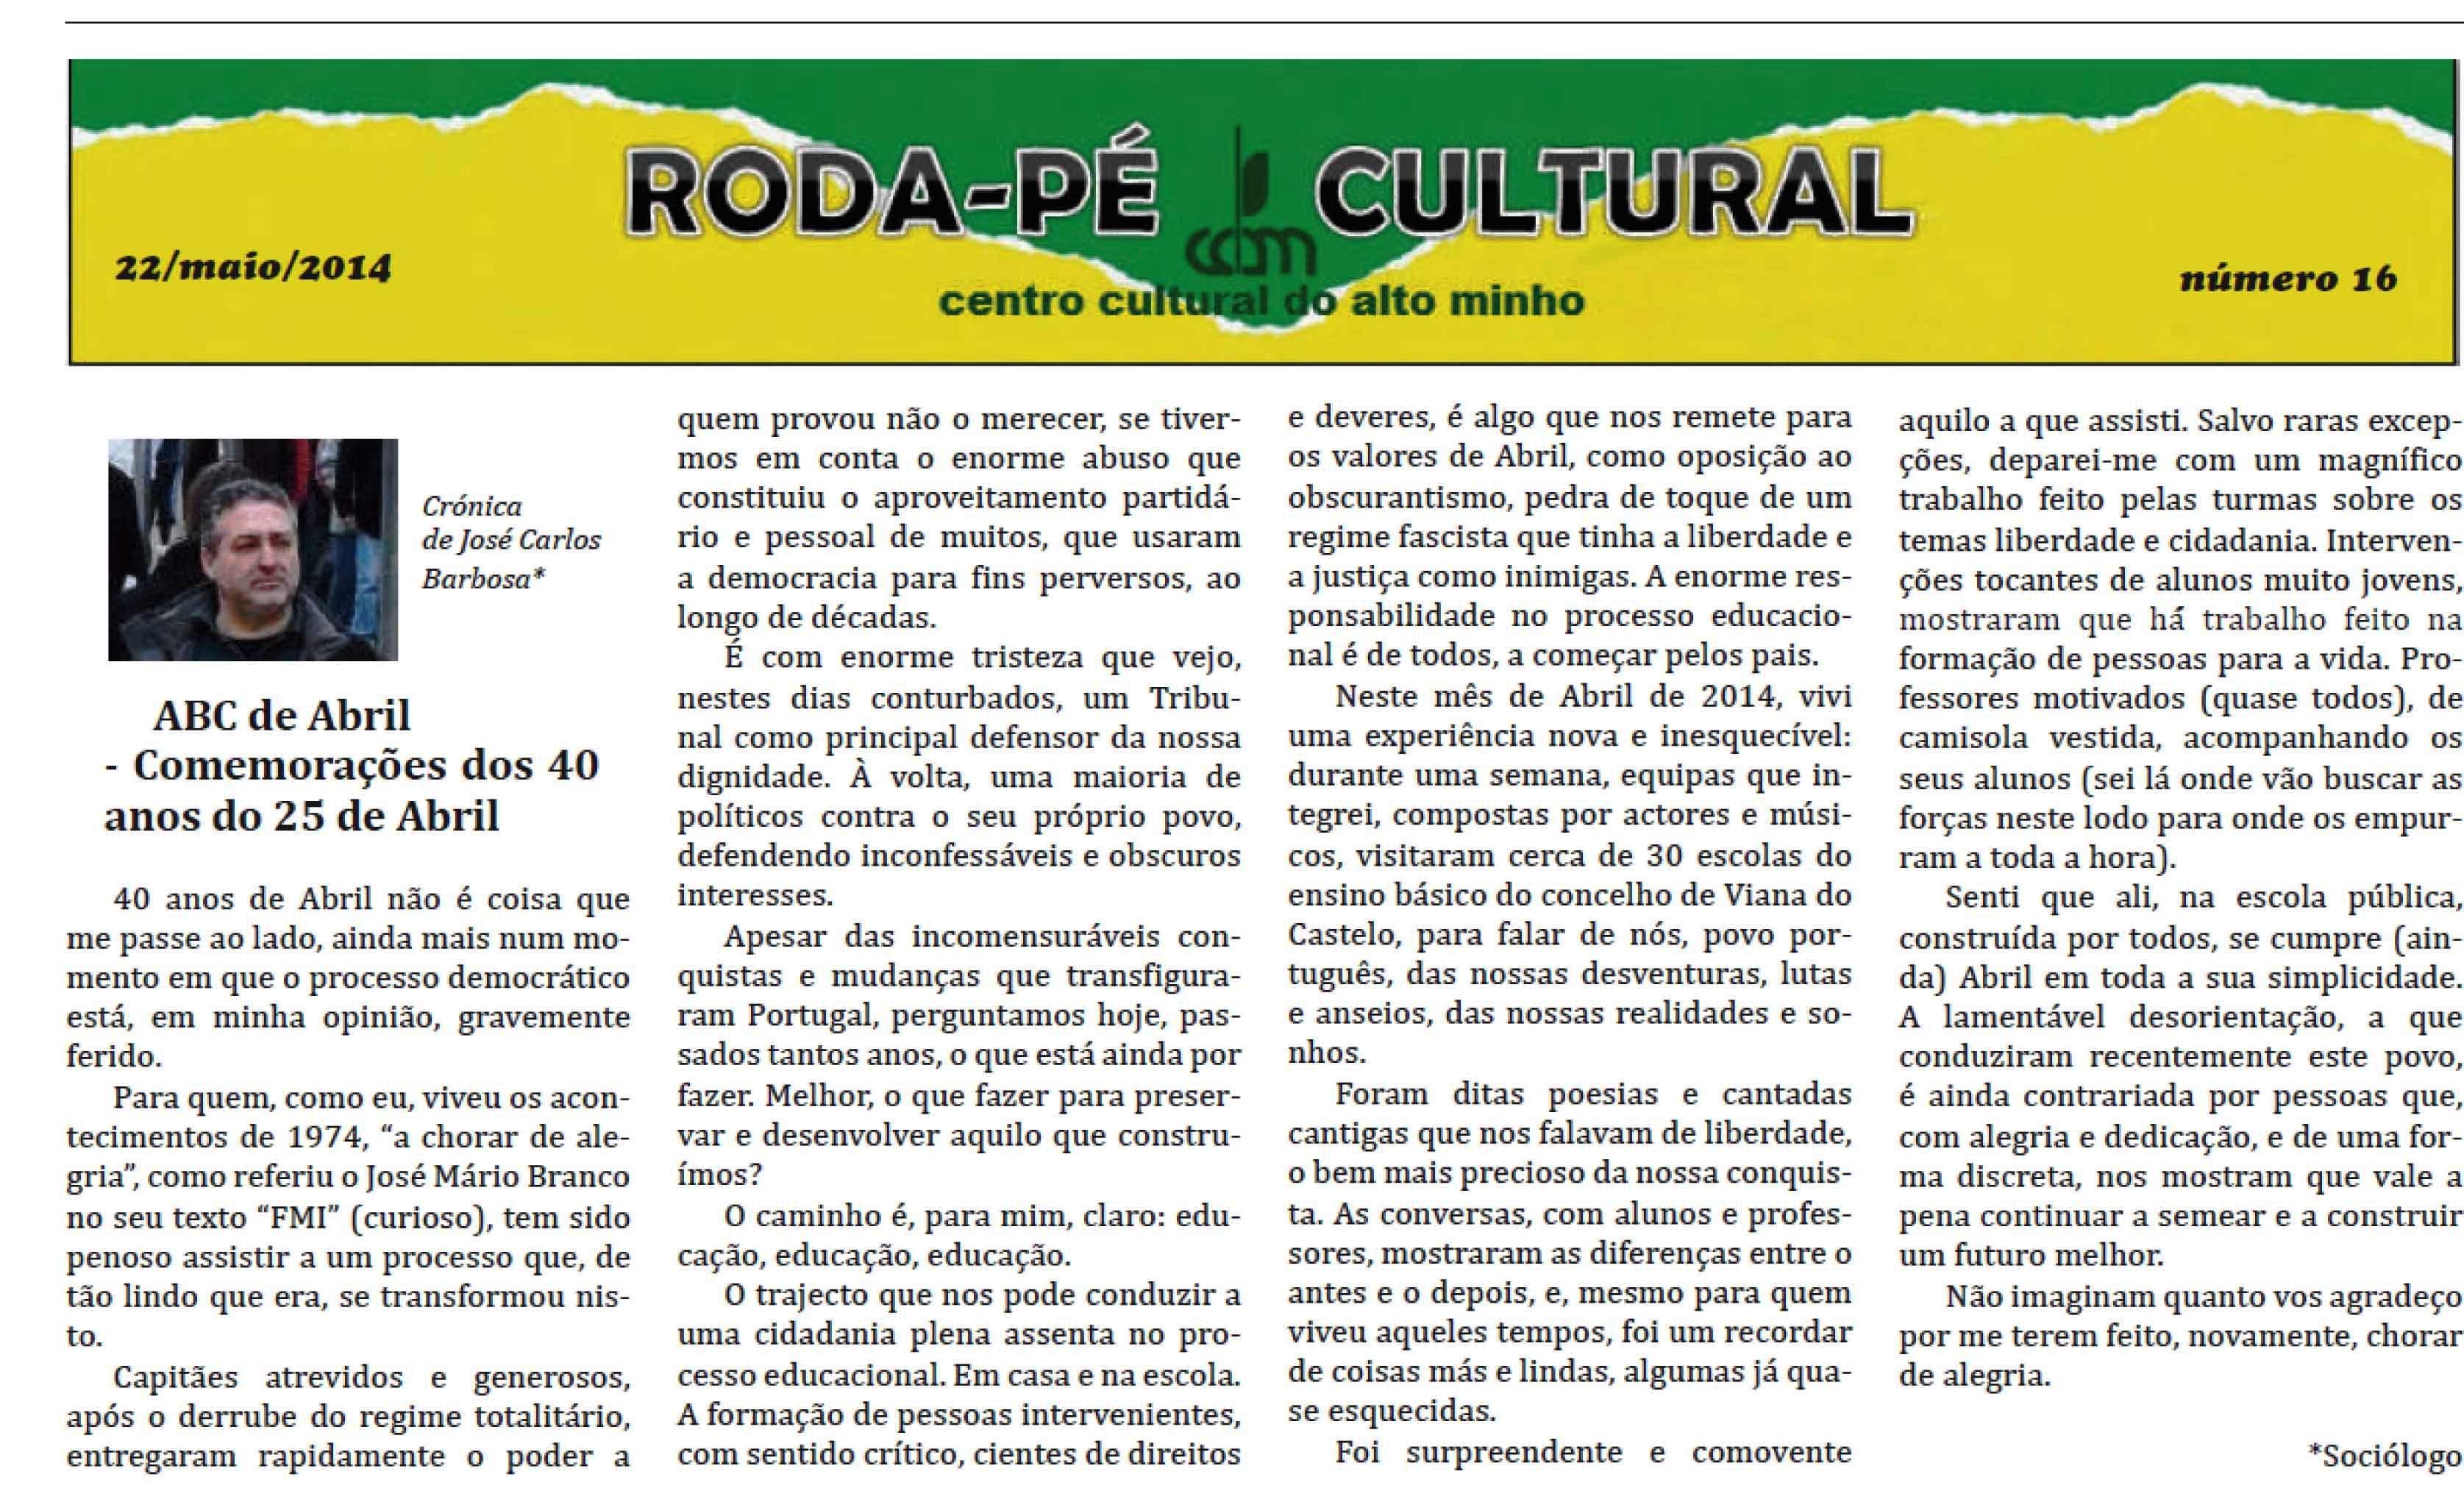 https://sites.google.com/a/centroculturaldoaltominho.org/ccam/actividades-realizadas/2014/RP_Cultural_16.jpg